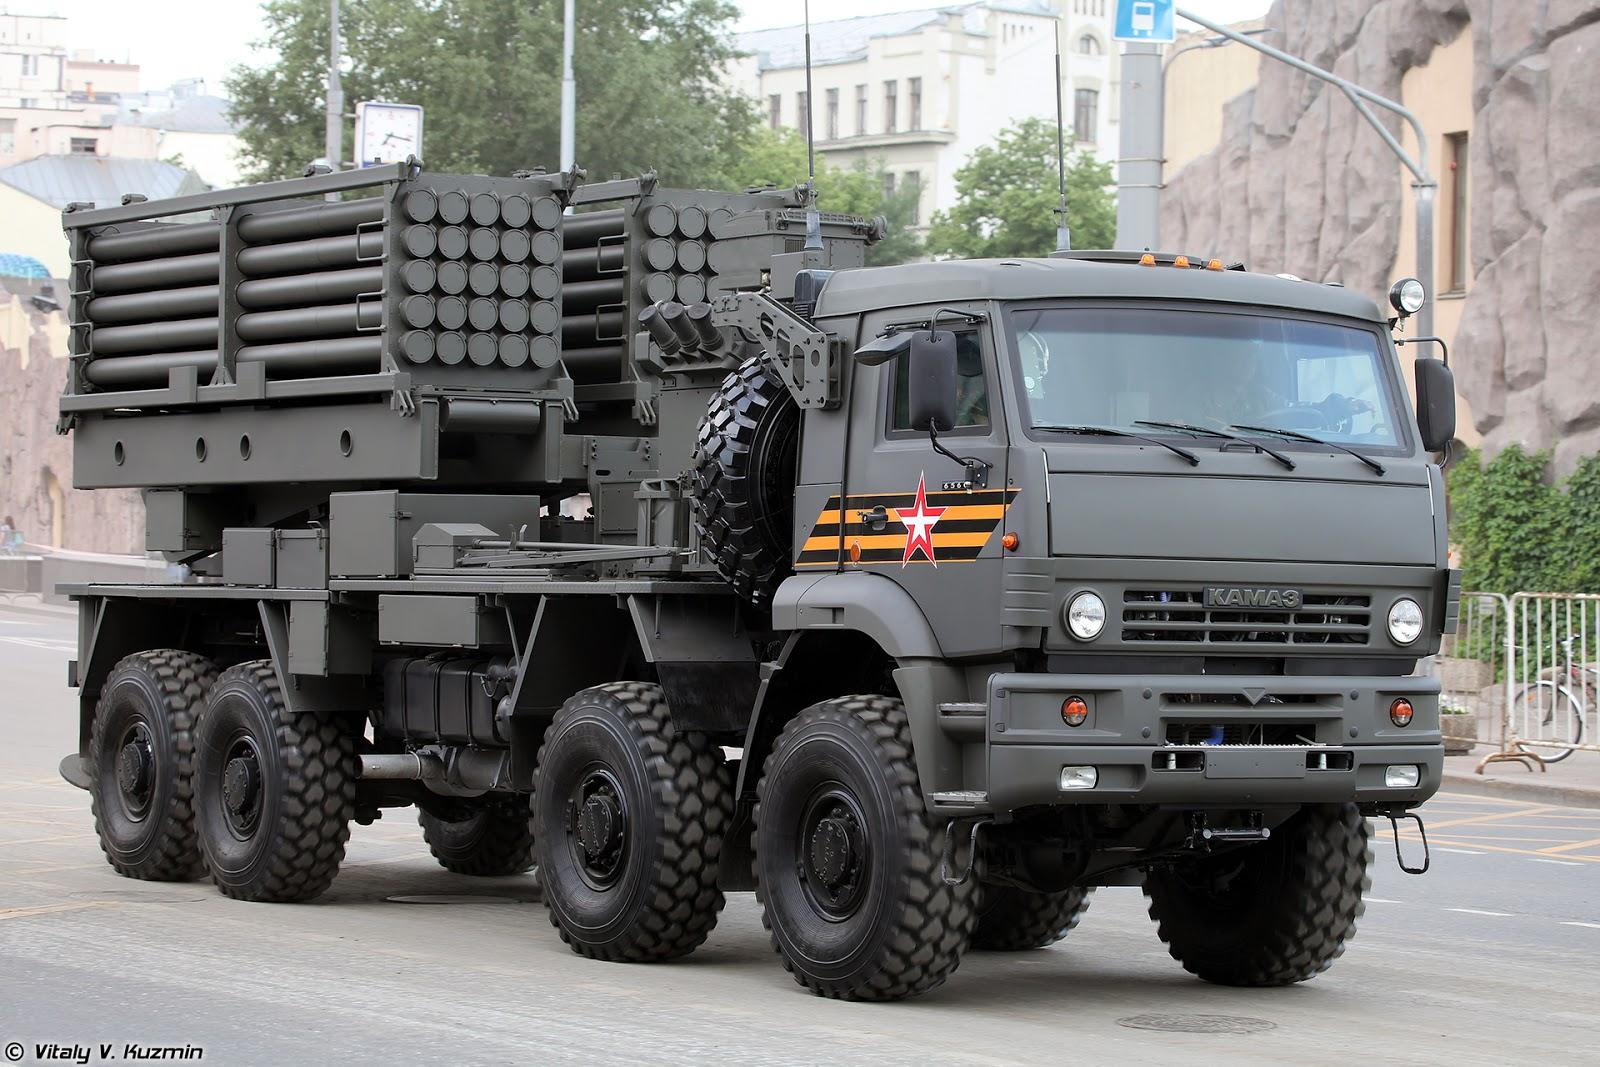 Російська армія почала отримувати машини дистанційного мінування Земледелие